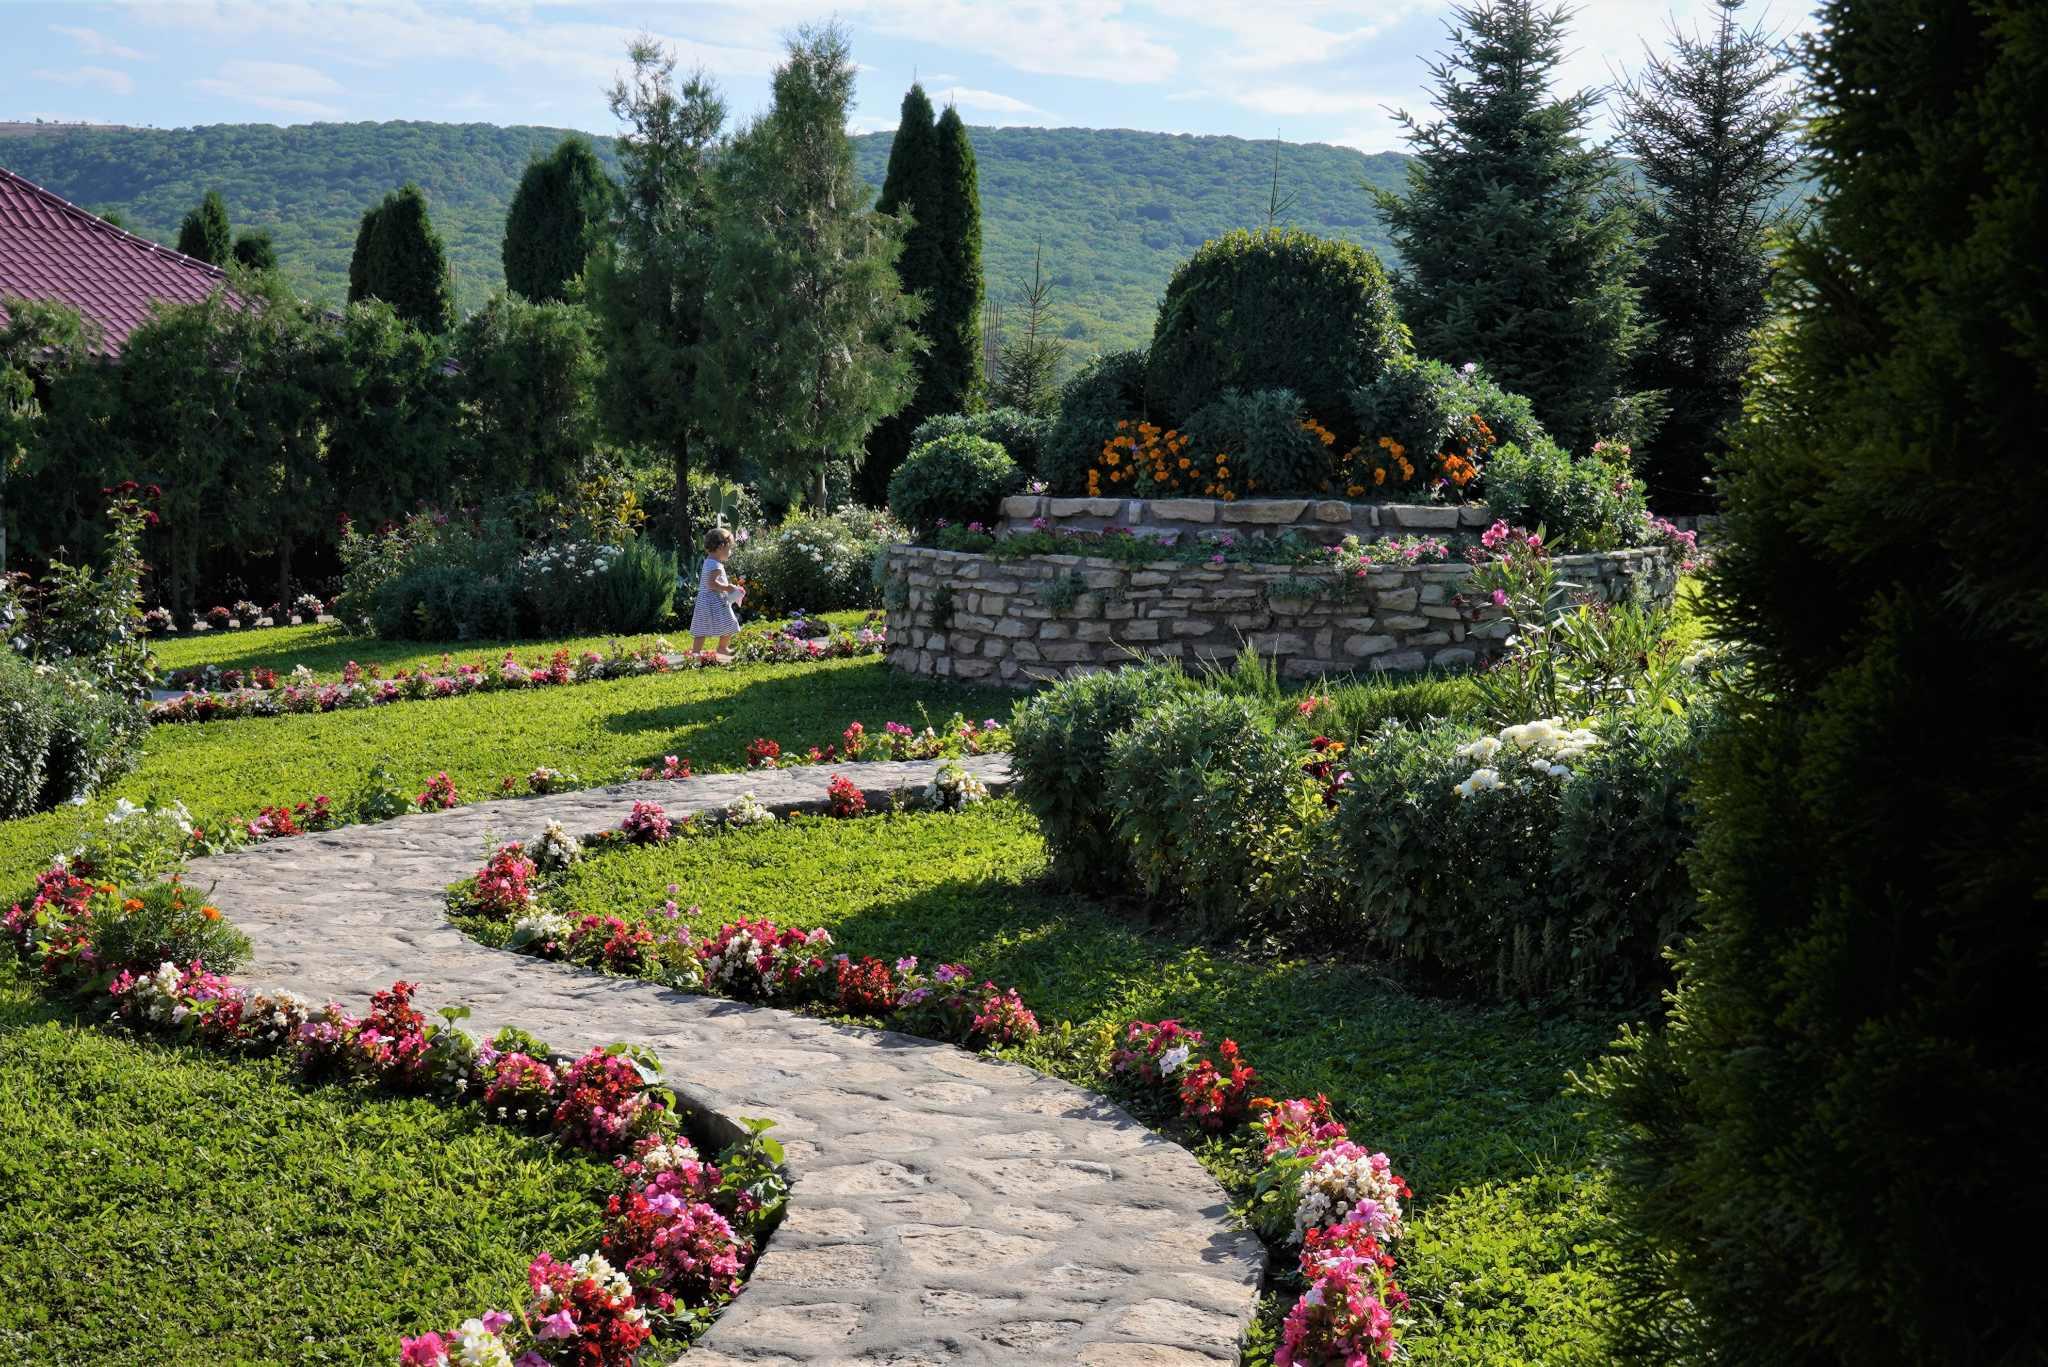 Mânăstirea Valea Teilor, locul de poveste ascuns printre munții Dobrogei